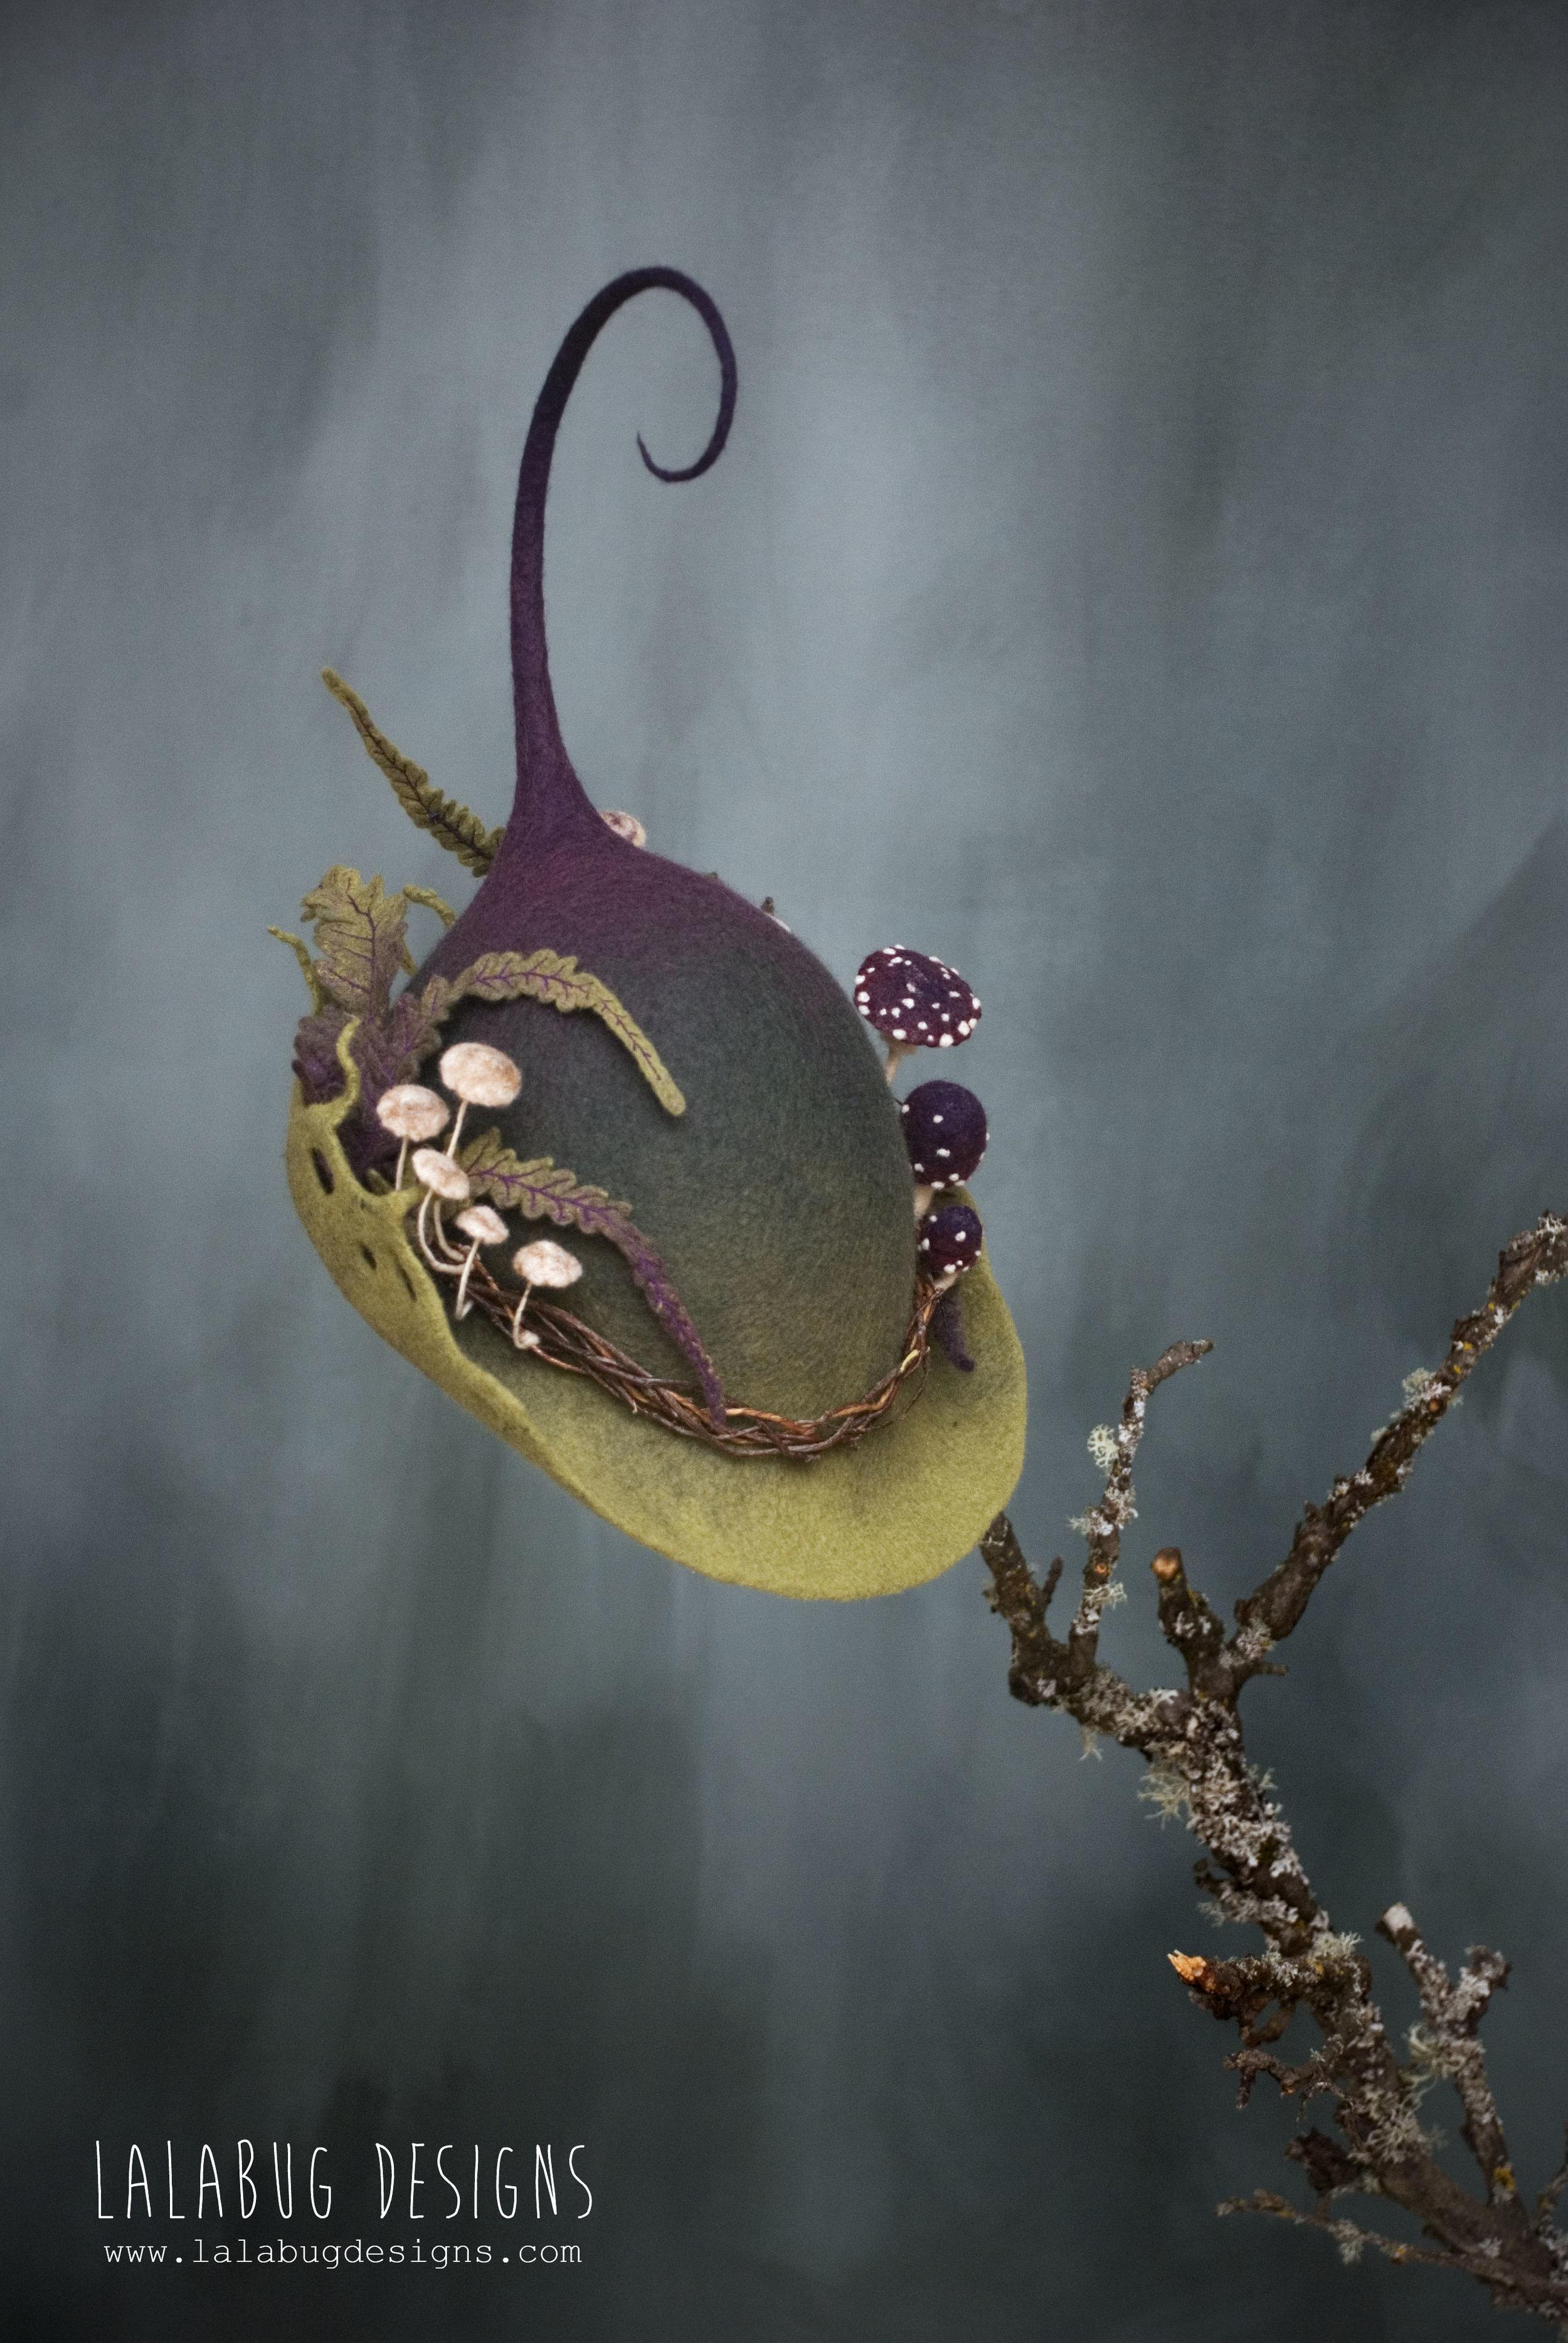 wren-purplemushroom4.jpg